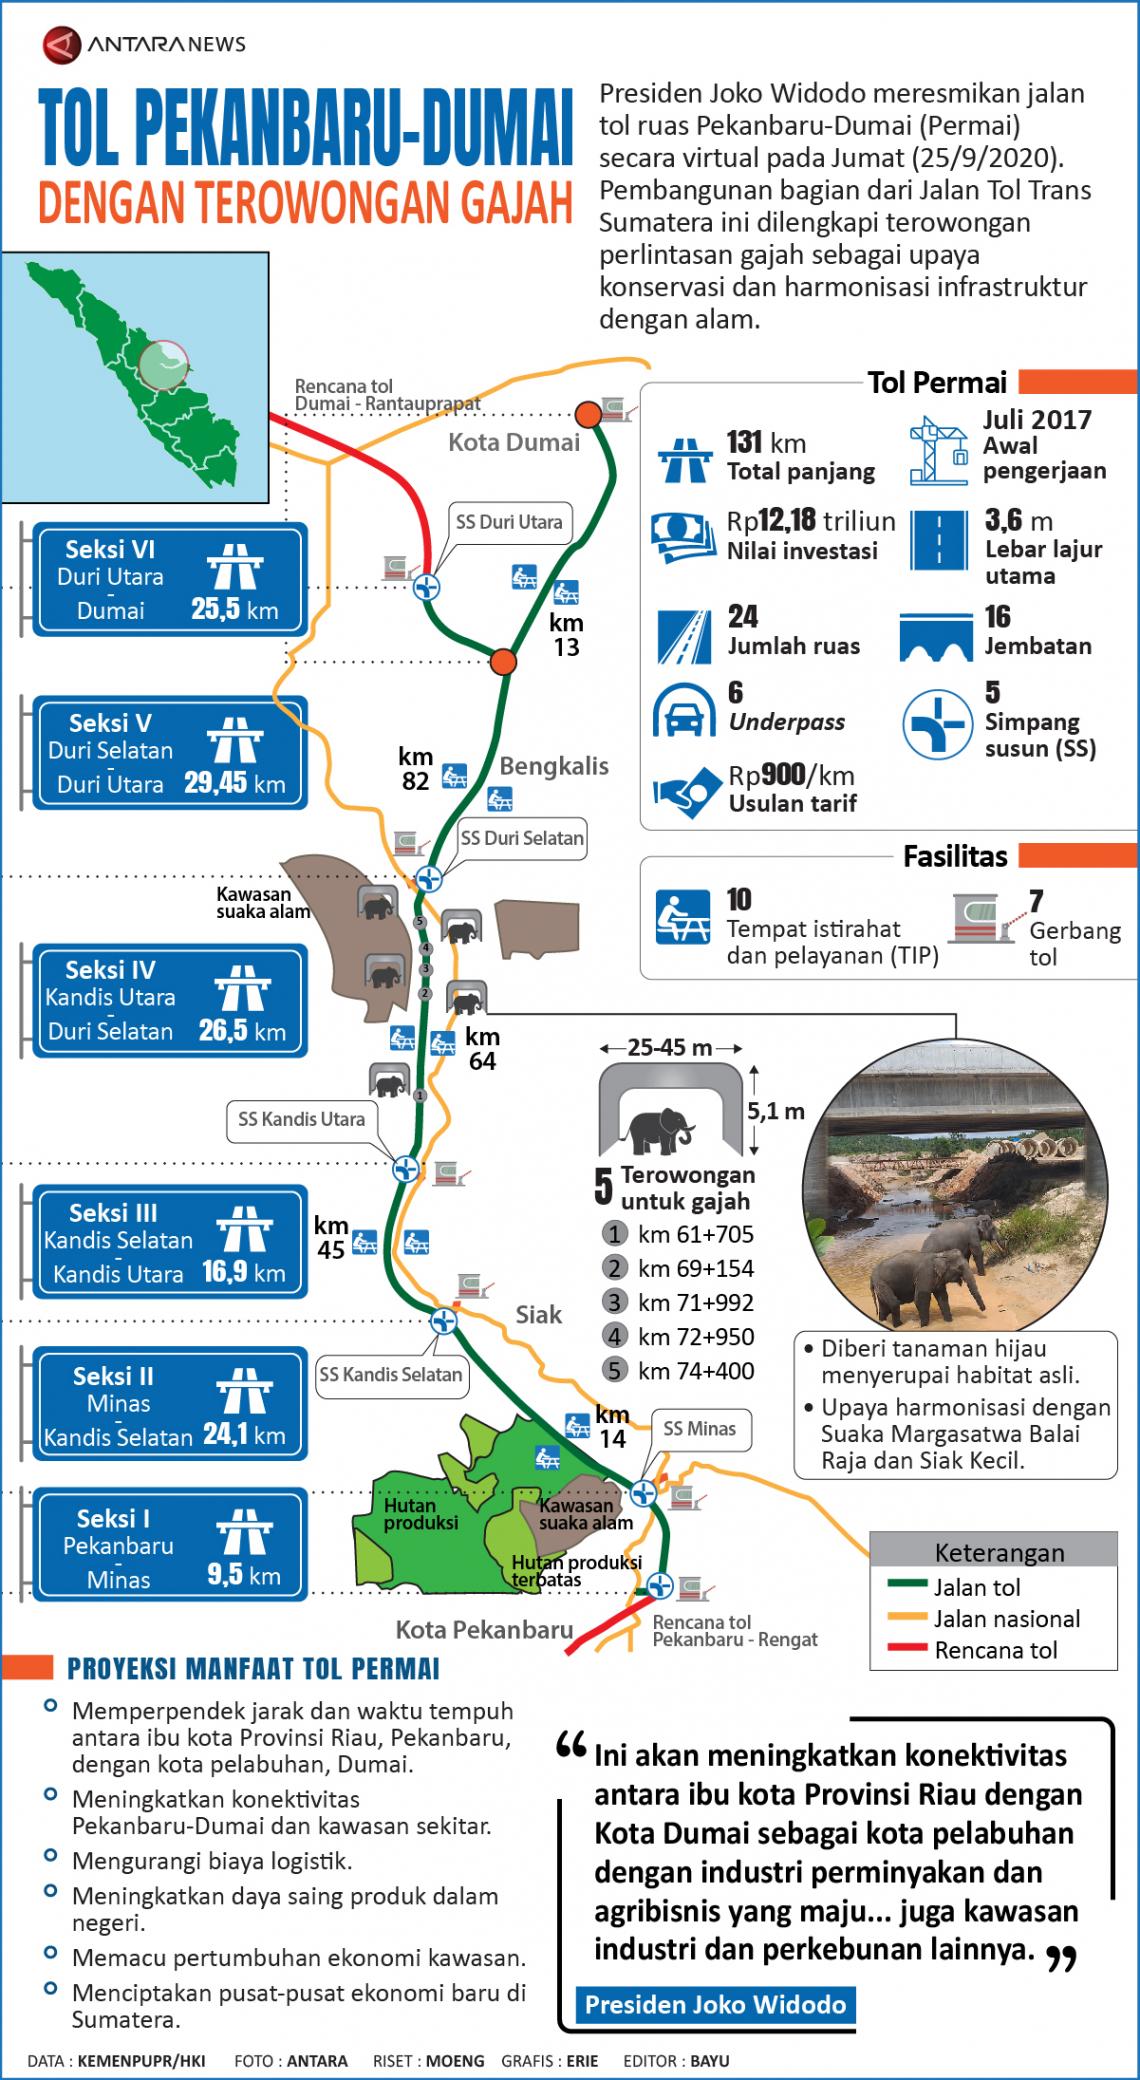 Tol Pekanbaru - Dumai dengan terowongan gajah